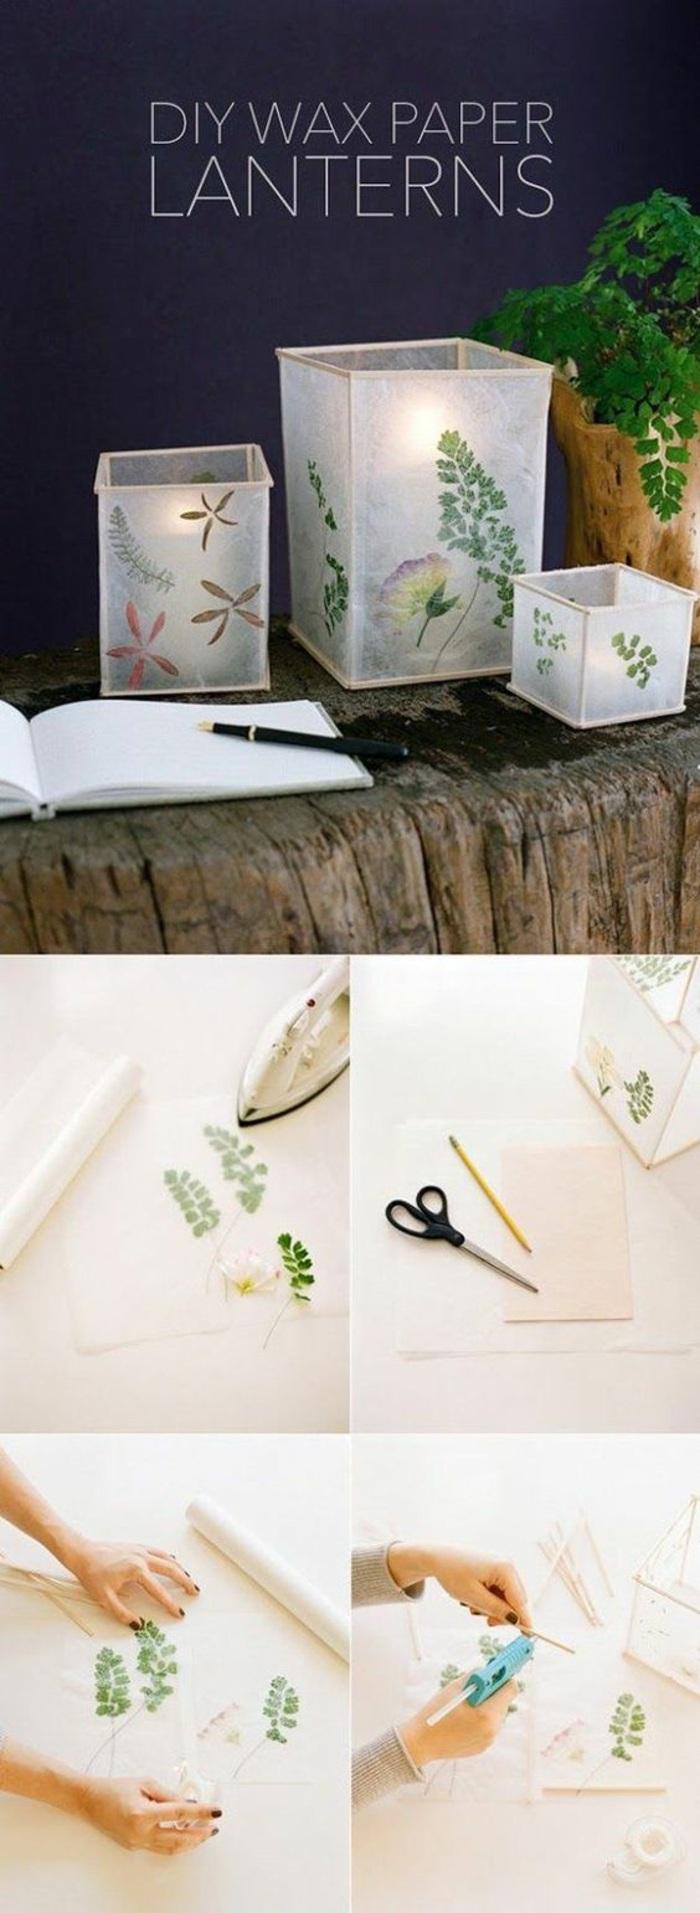 diy laternen aus wachspapier dekoriert mit grünen blättern